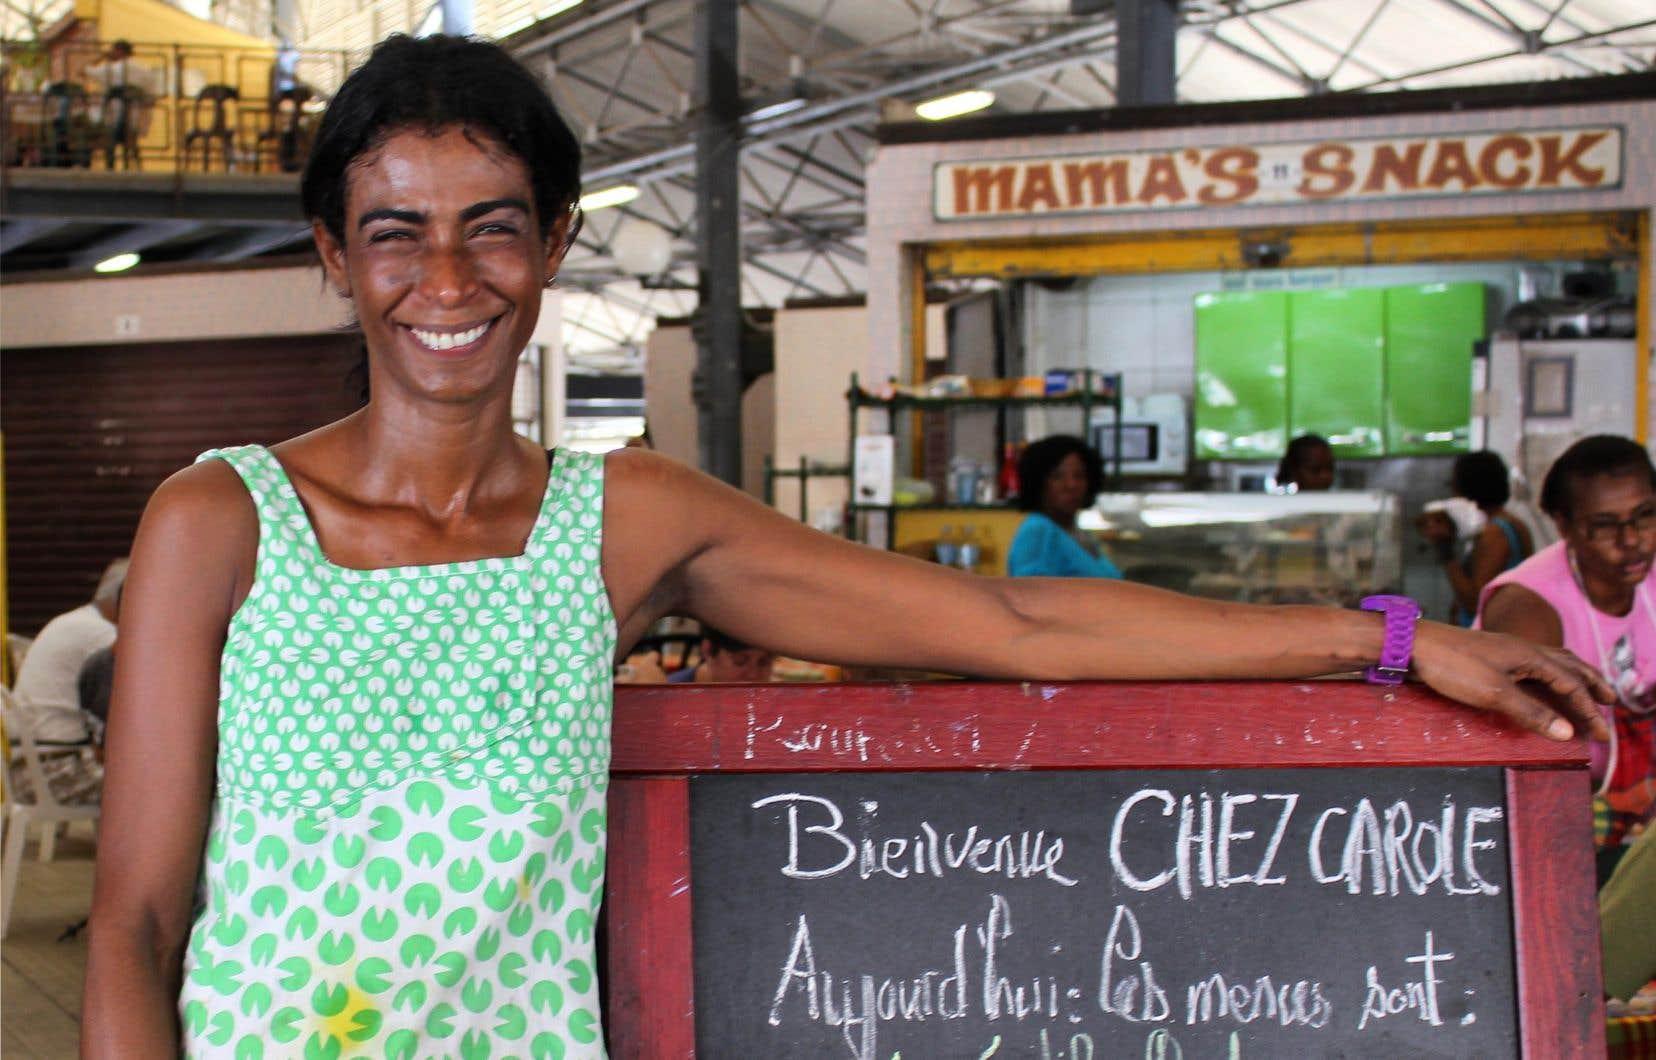 Au marché de Fort-de-France, Carole prépare de délicieux colombos, un plat en sauce typique de la cuisine martiniquaise.